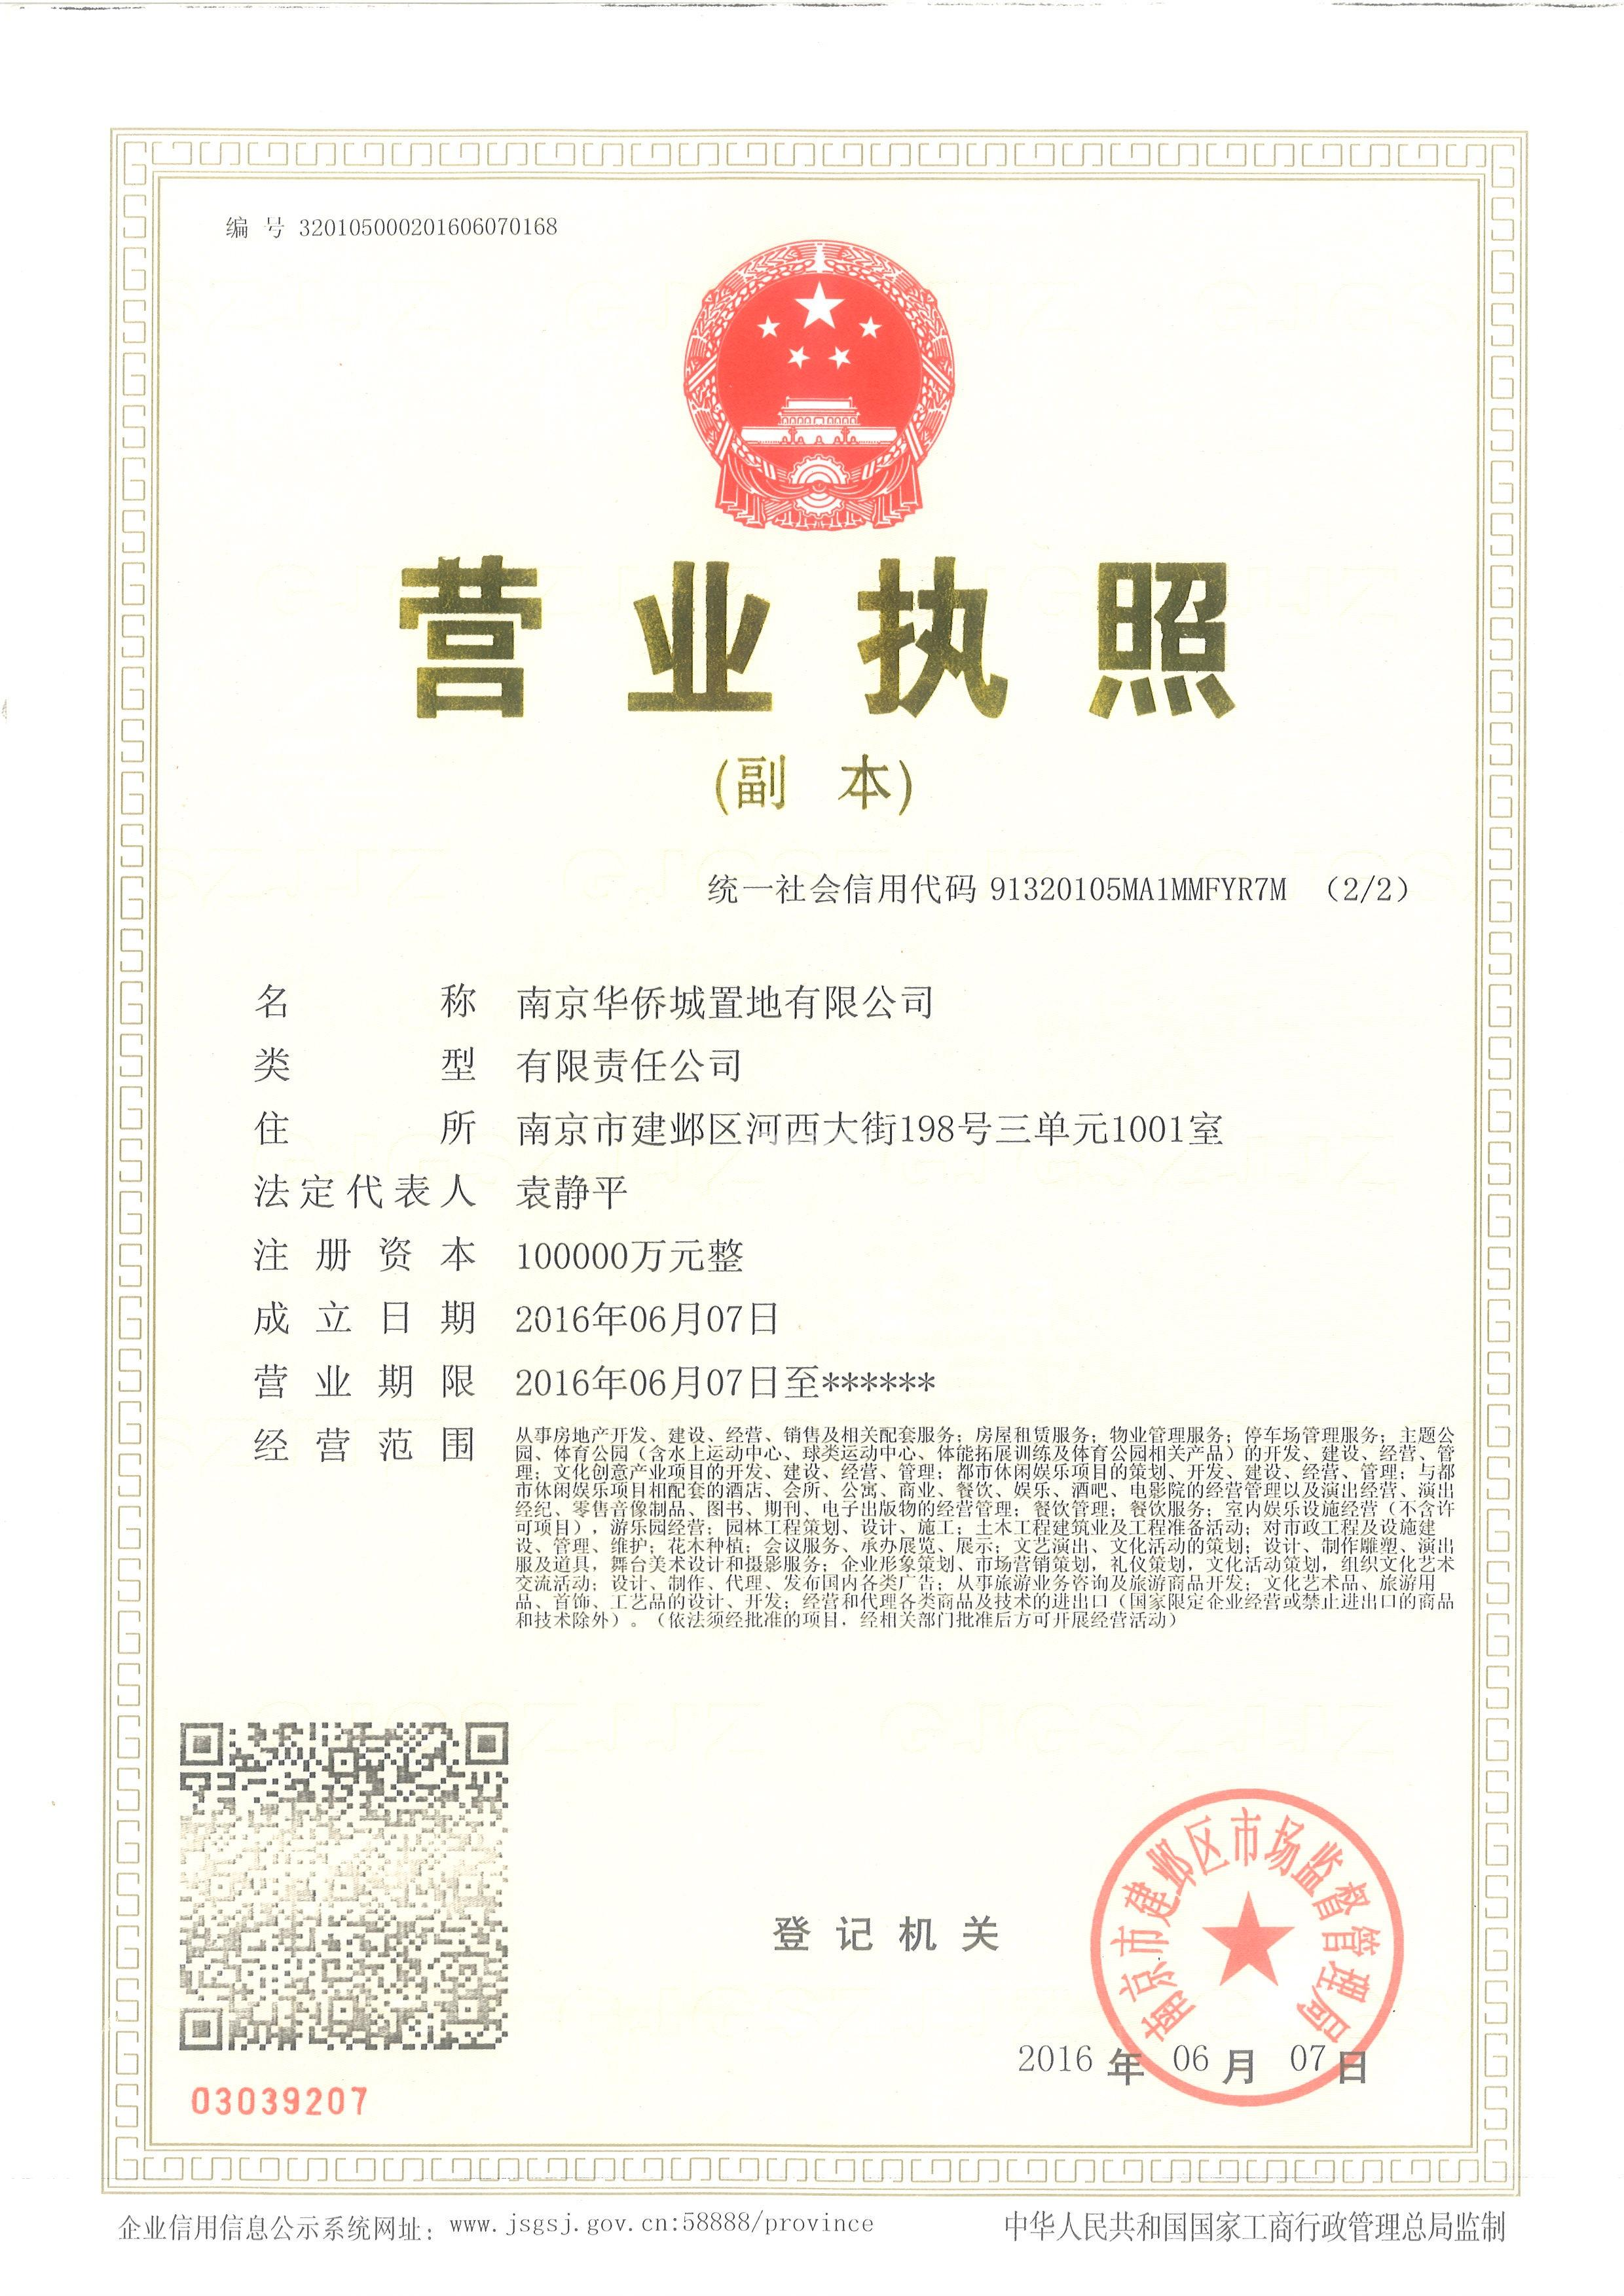 绿地华侨城海珀滨江销售证照